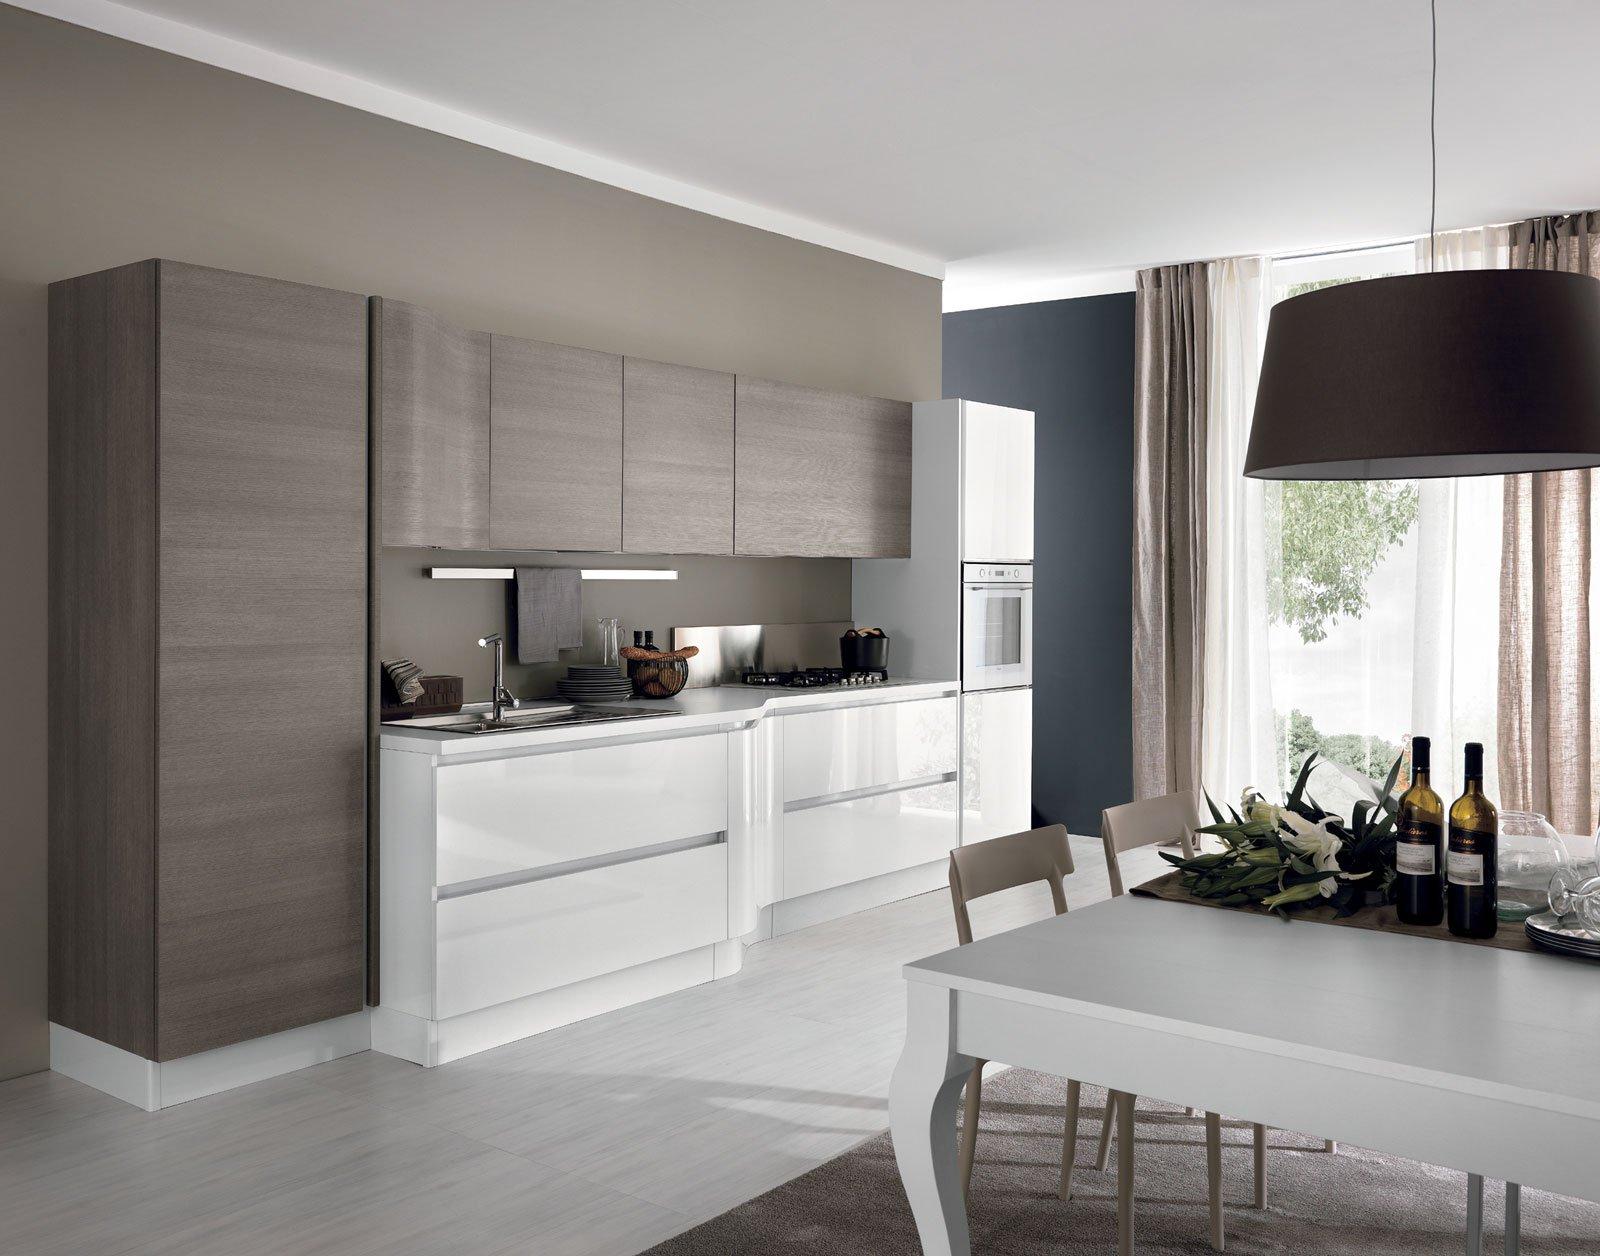 Cucine piccole composizioni compatte anche per il soggiorno cose di casa - Cucine sospese da terra ...